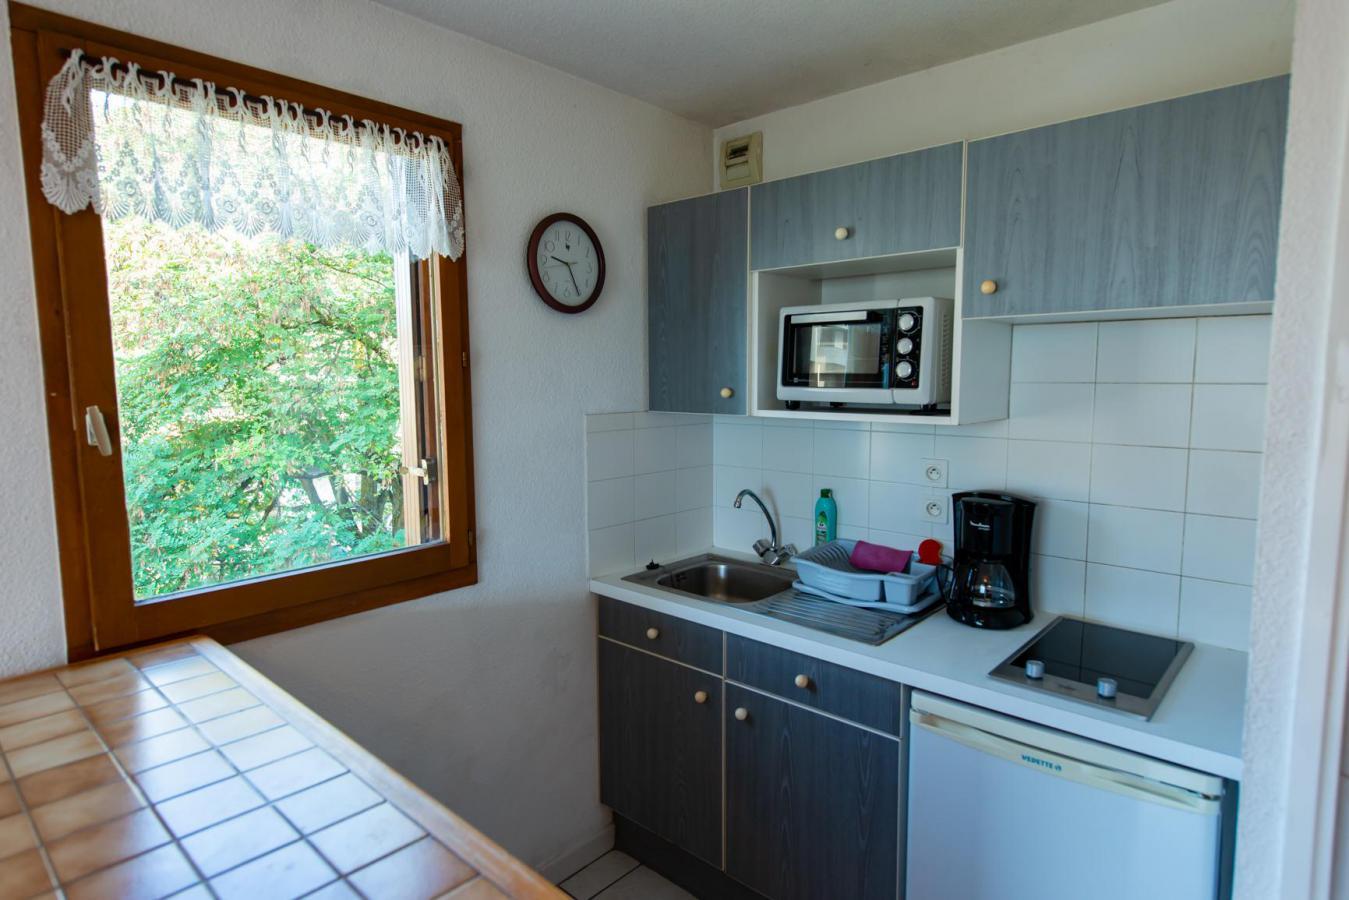 Location au ski Appartement 2 pièces 4 personnes (201) - Residence Les Pommiers - Les Orres - Kitchenette